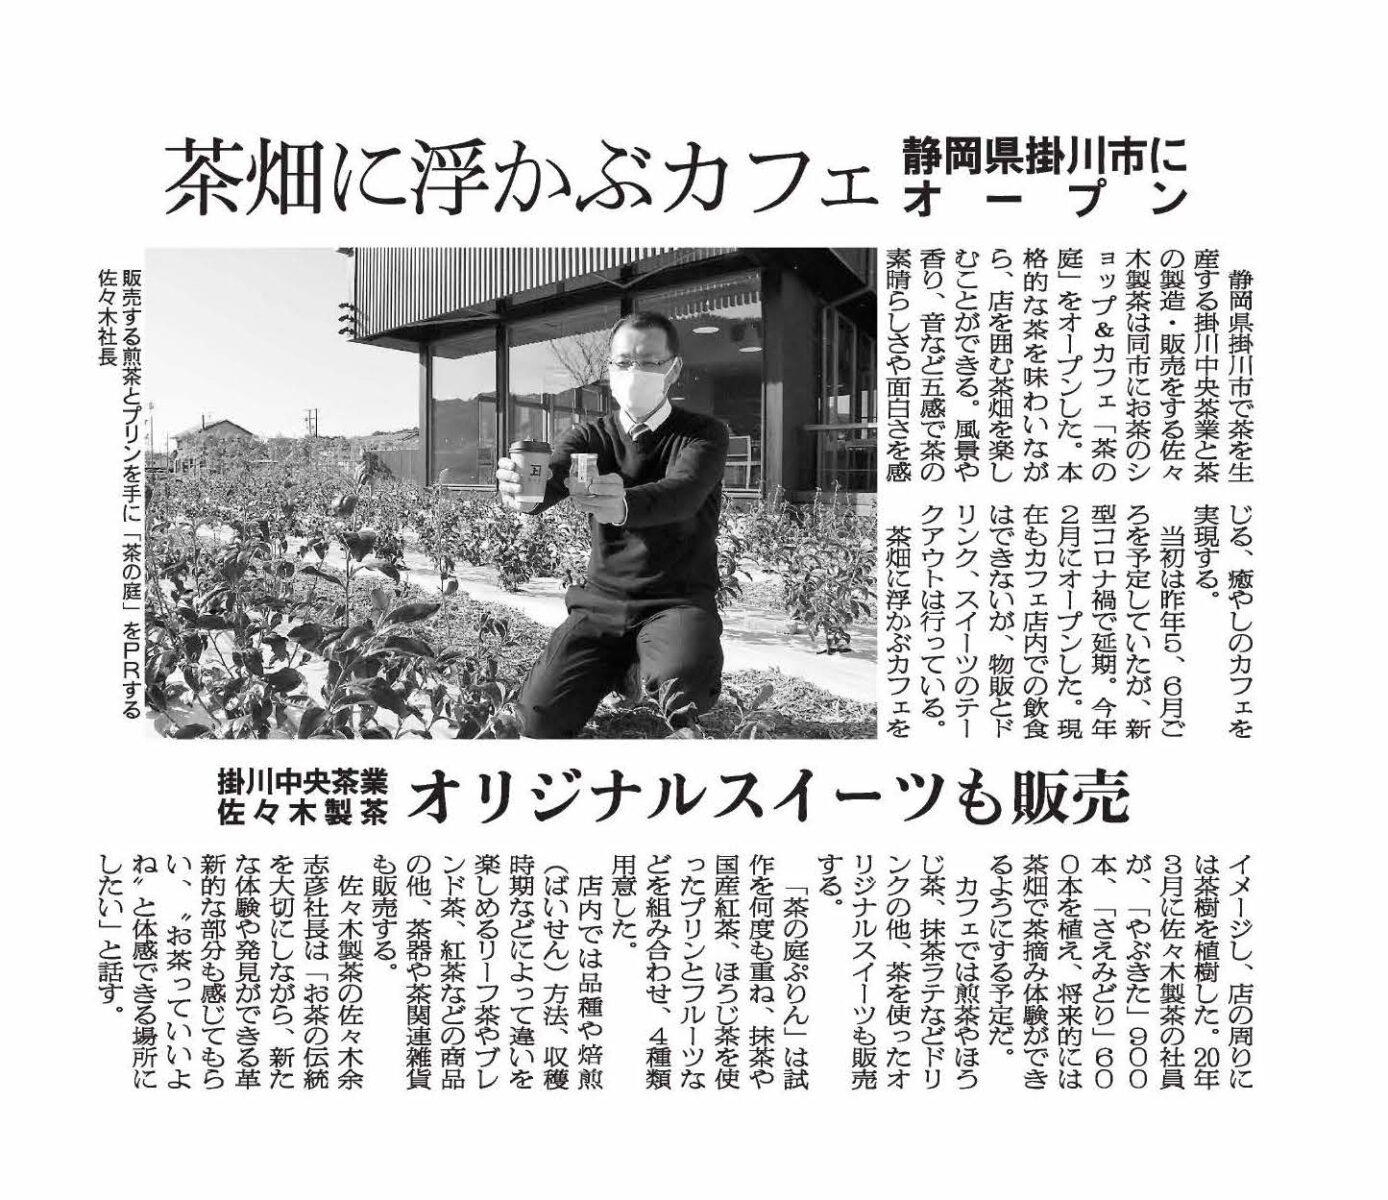 2021年3月23日付日本農業新聞/東海版